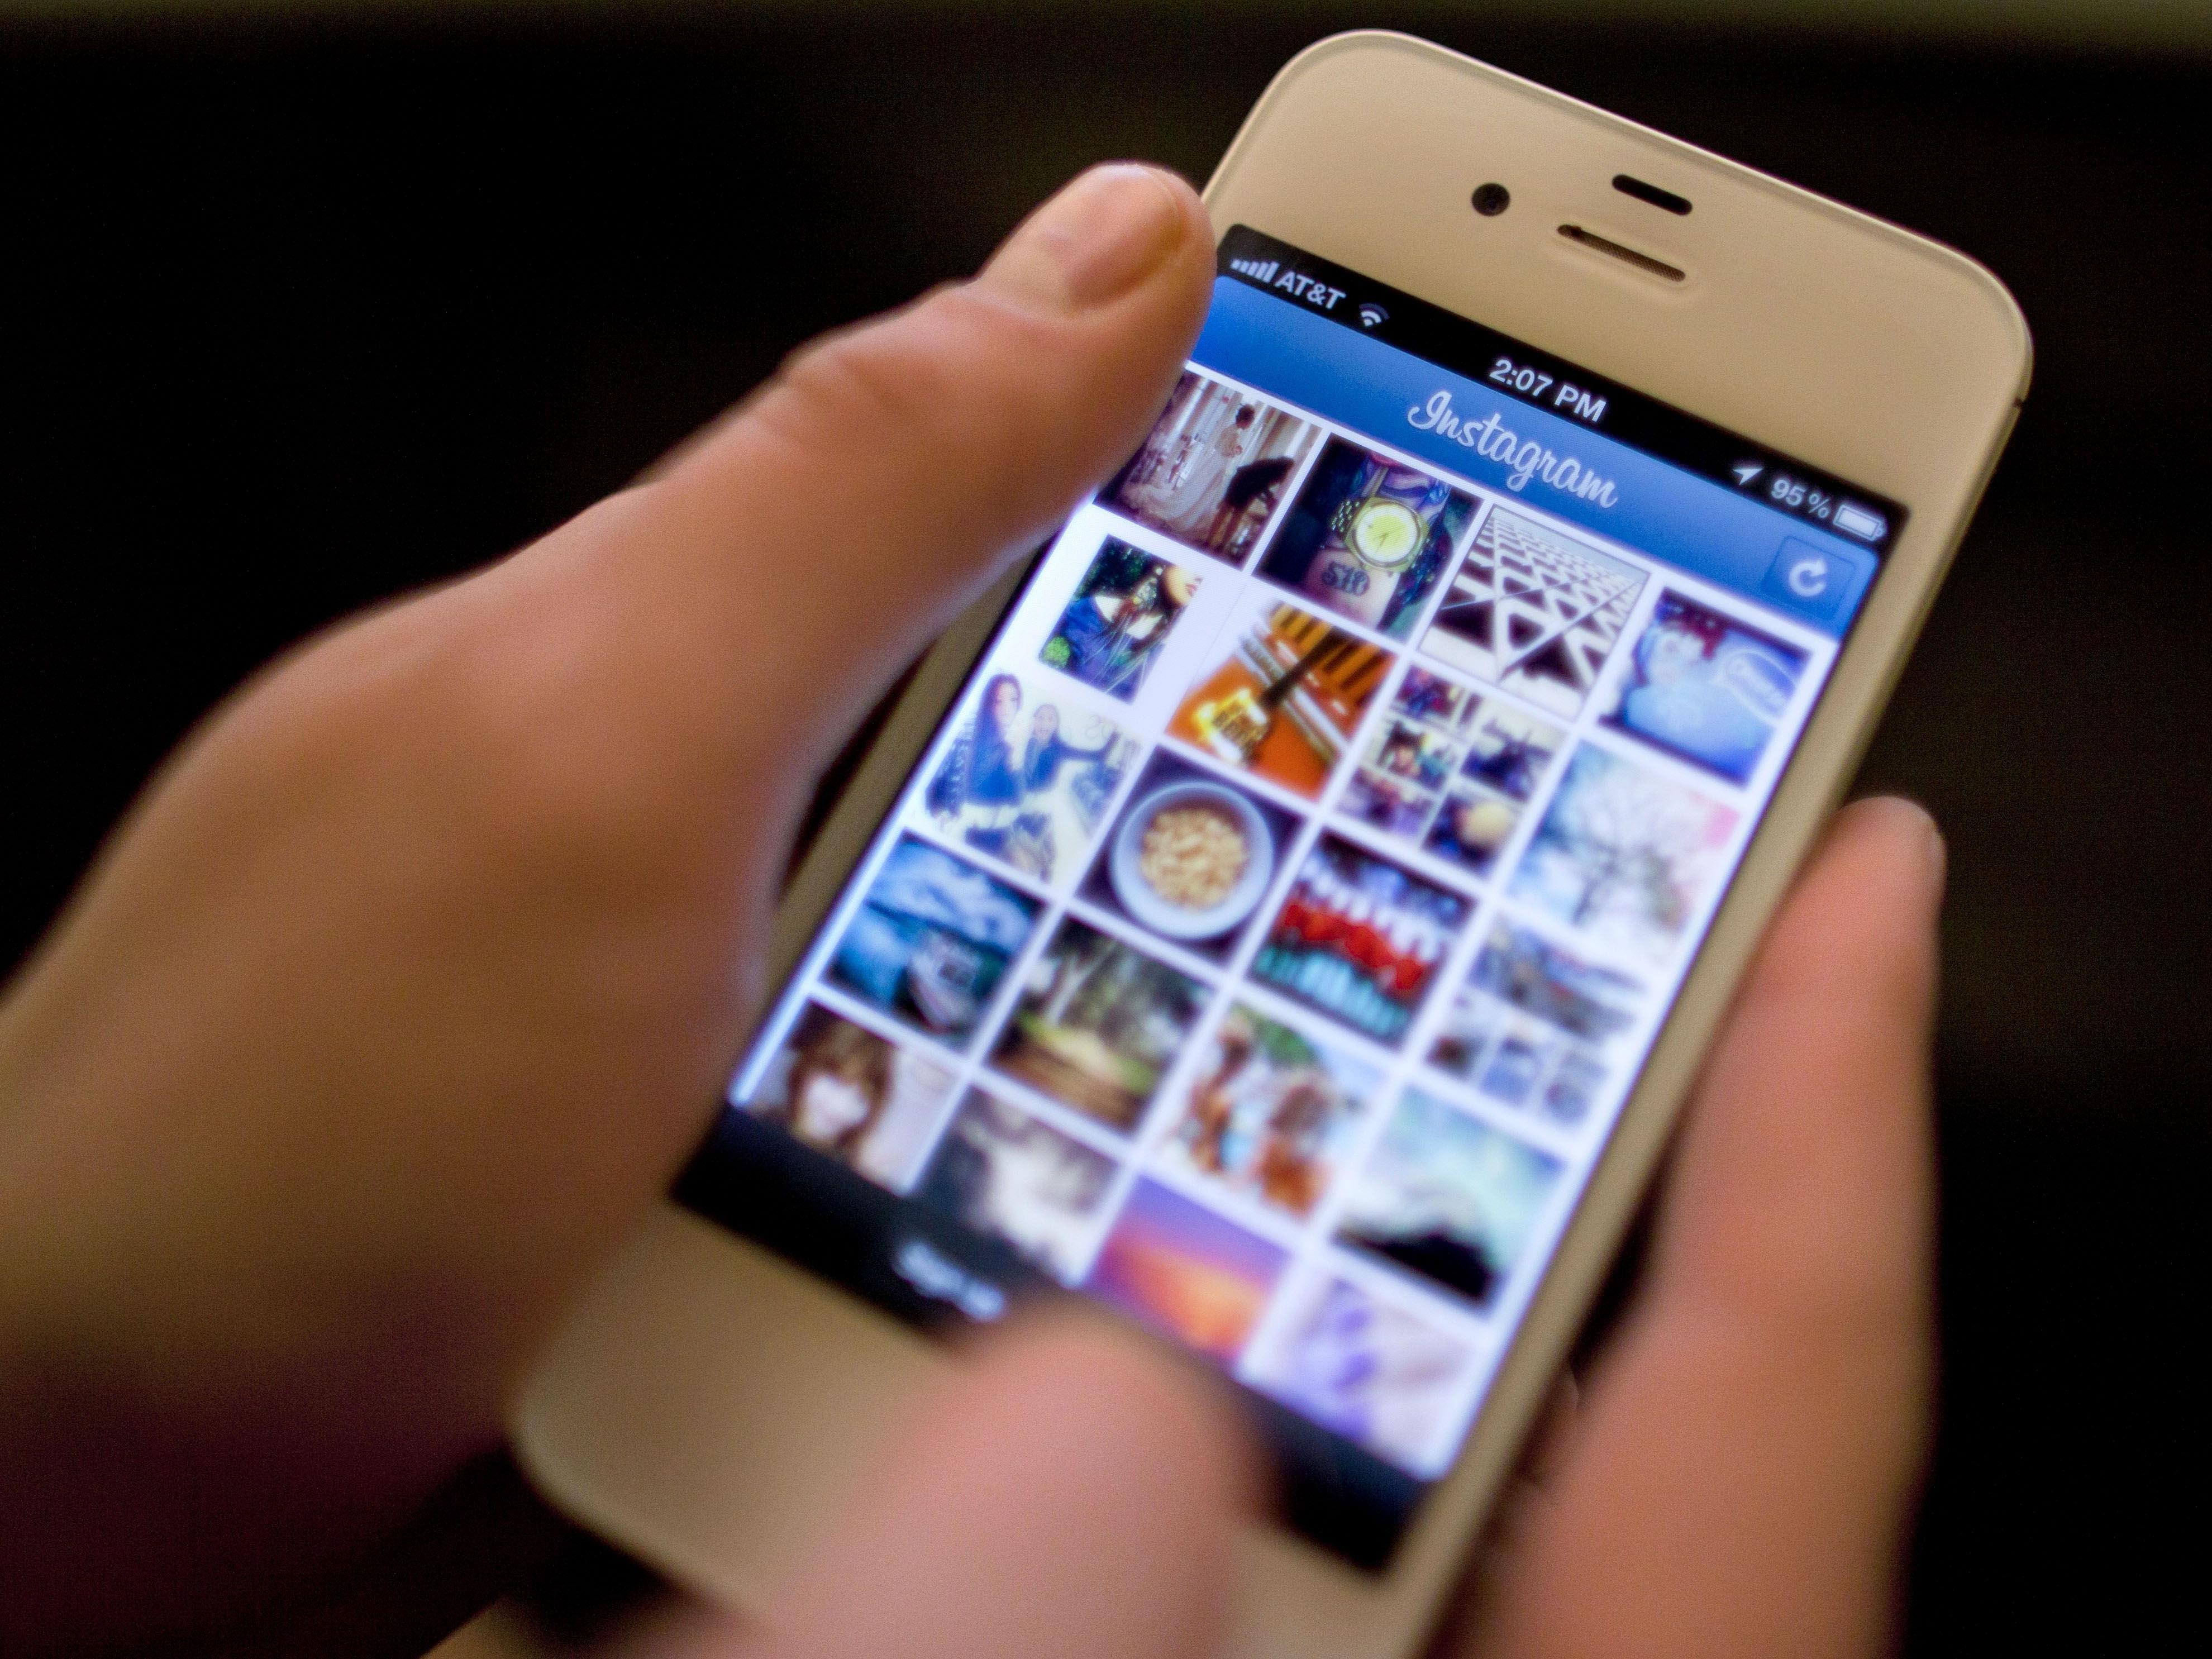 Instagram: Bisher konnten Bilder über App nur öffentlich verschickt werden